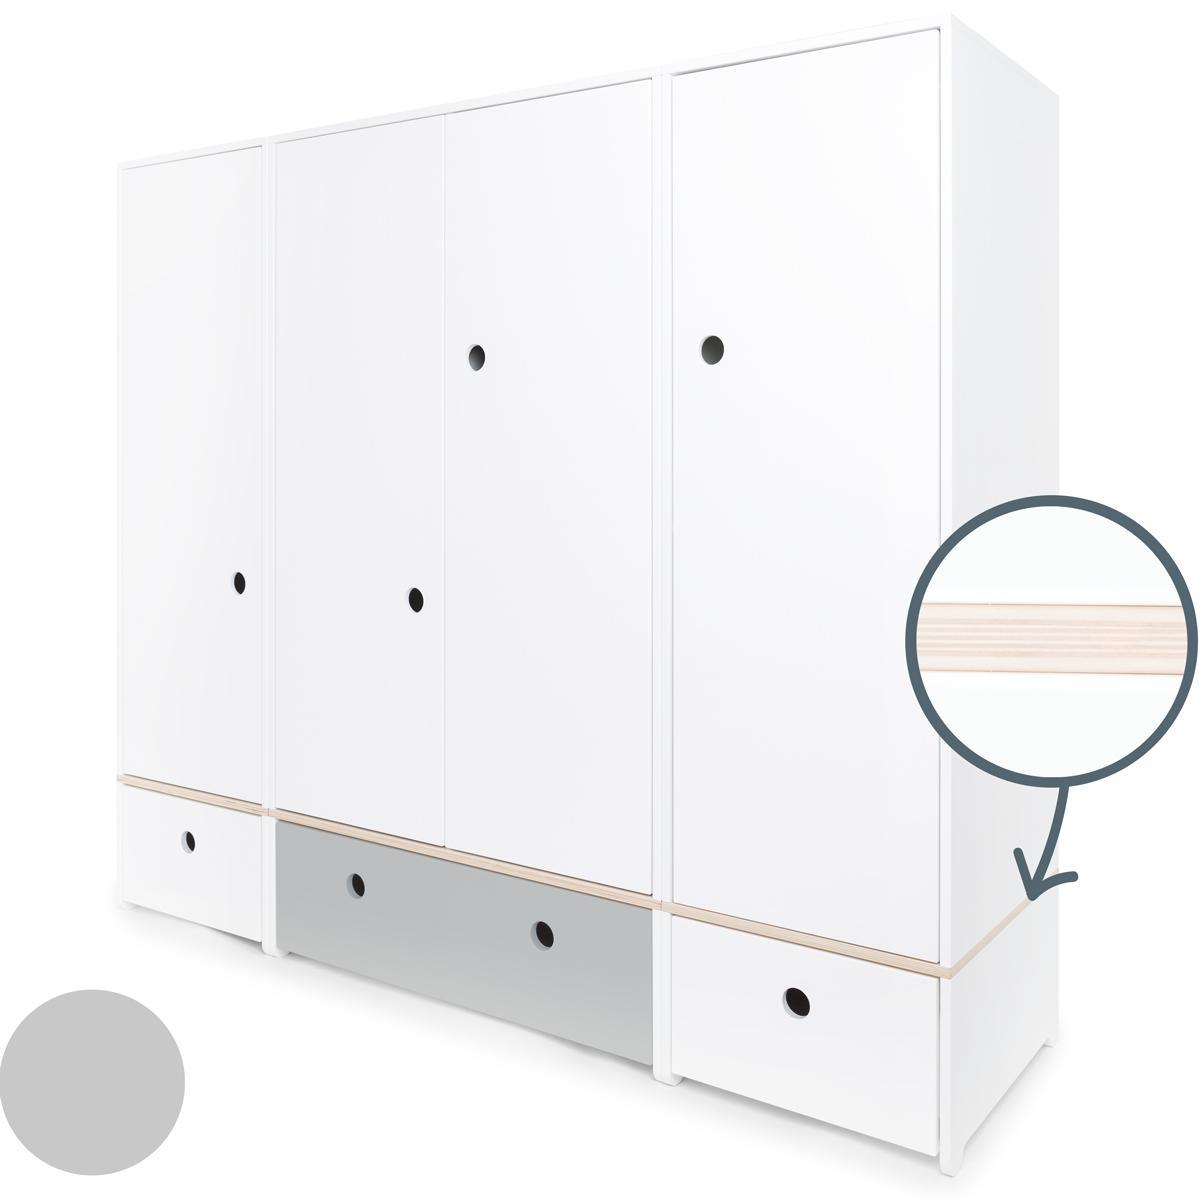 Armoire 4 portes COLORFLEX façades tiroirs white-pearl grey-white